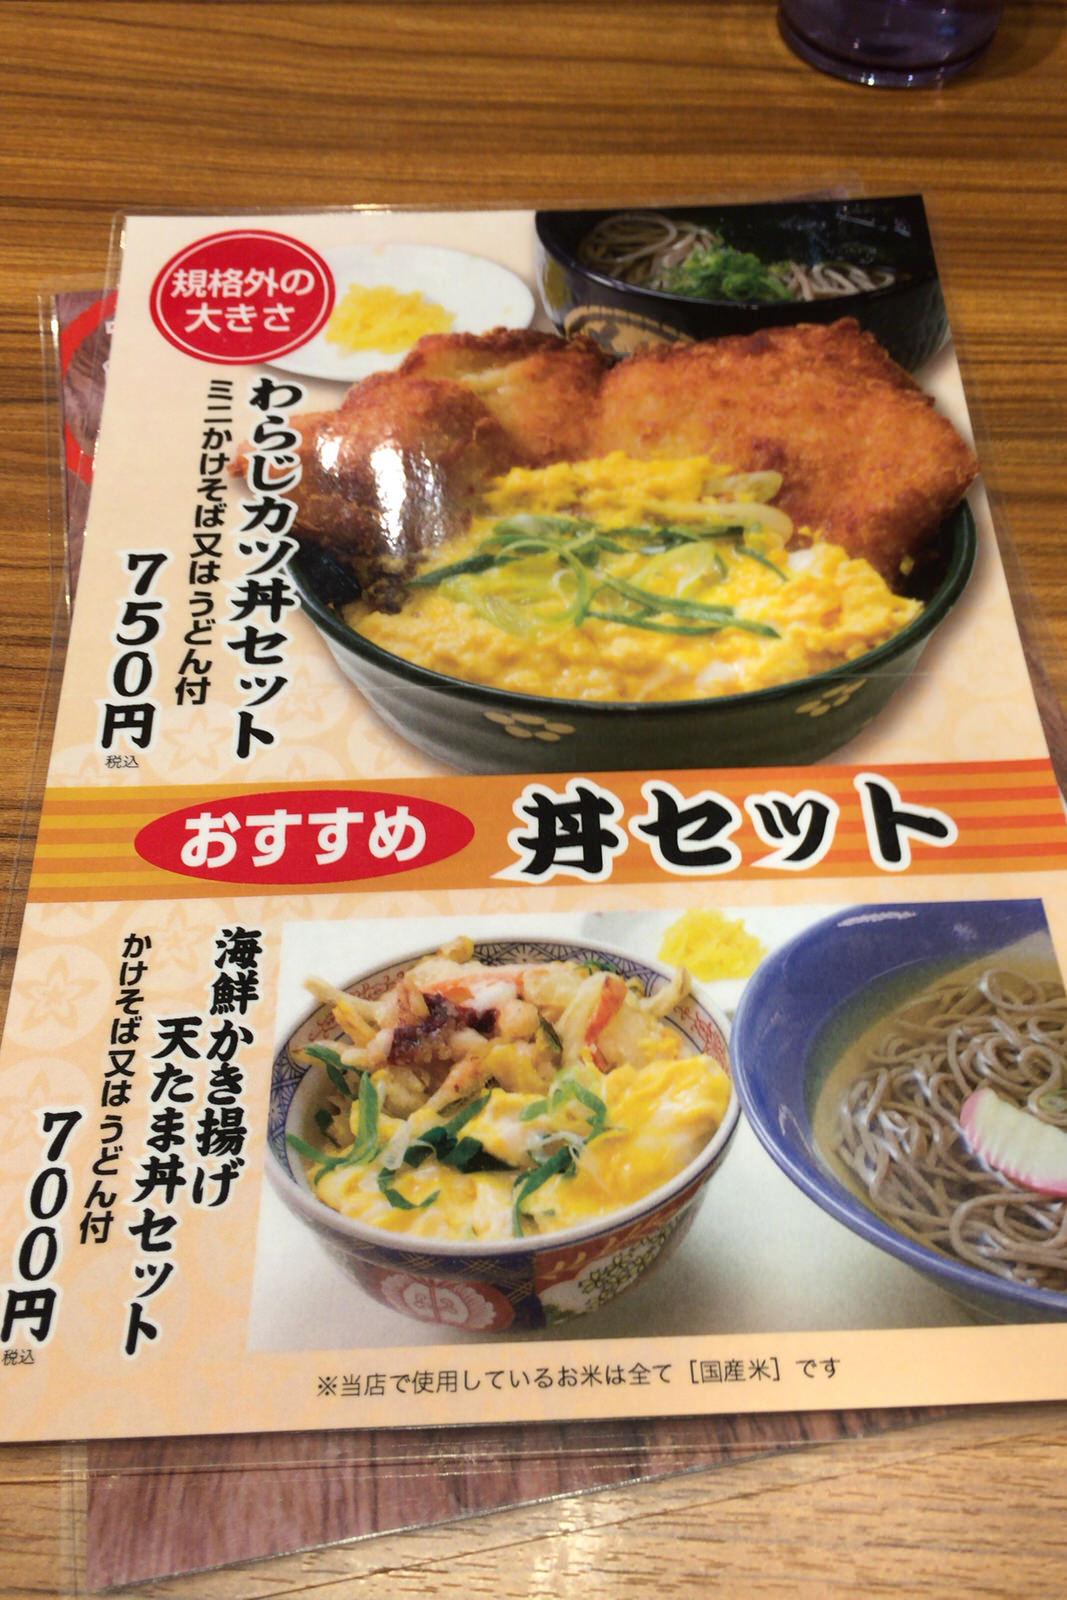 十三駅 阪急そば メニュー 丼